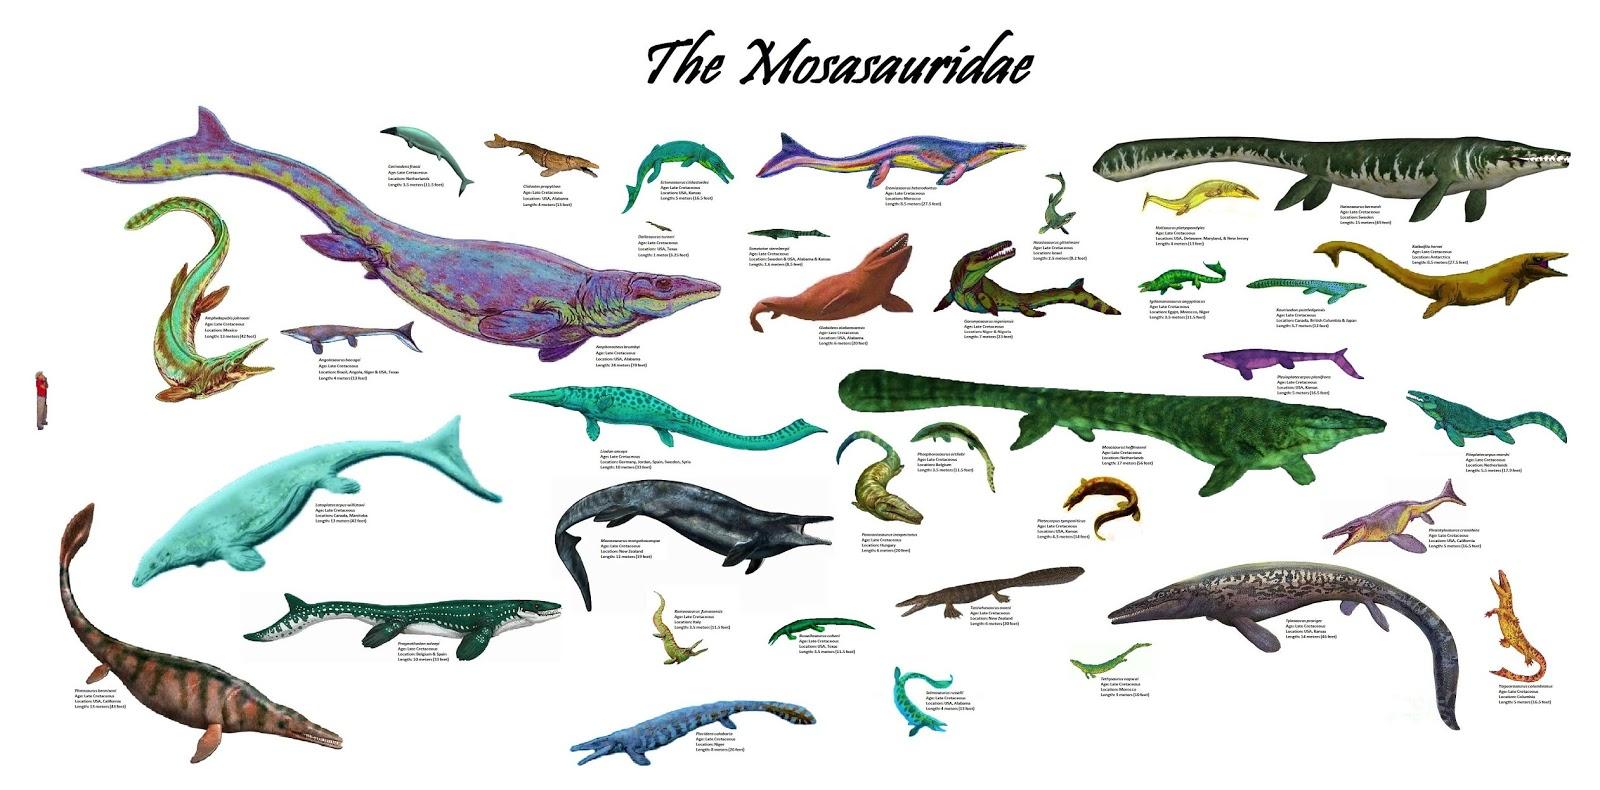 Los Mosasaurios Terror De Los Mares Cretacicos Entrá y conocé nuestras increíbles ofertas y promociones. los mosasaurios terror de los mares